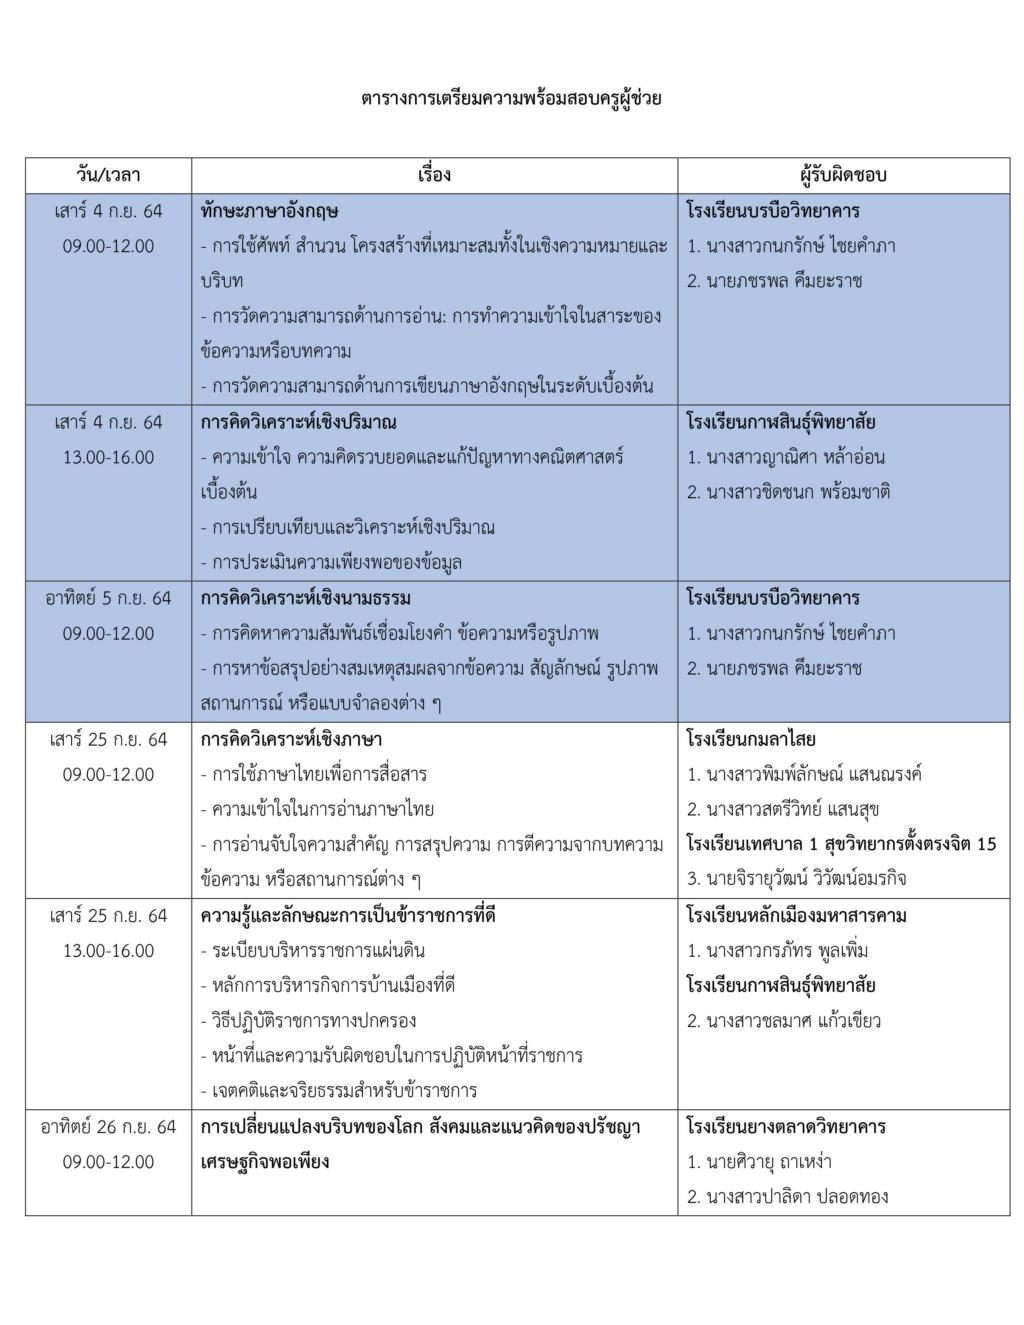 ตารางเตรียมความพร้อมสอบครูผู้ช่วย EN60 111